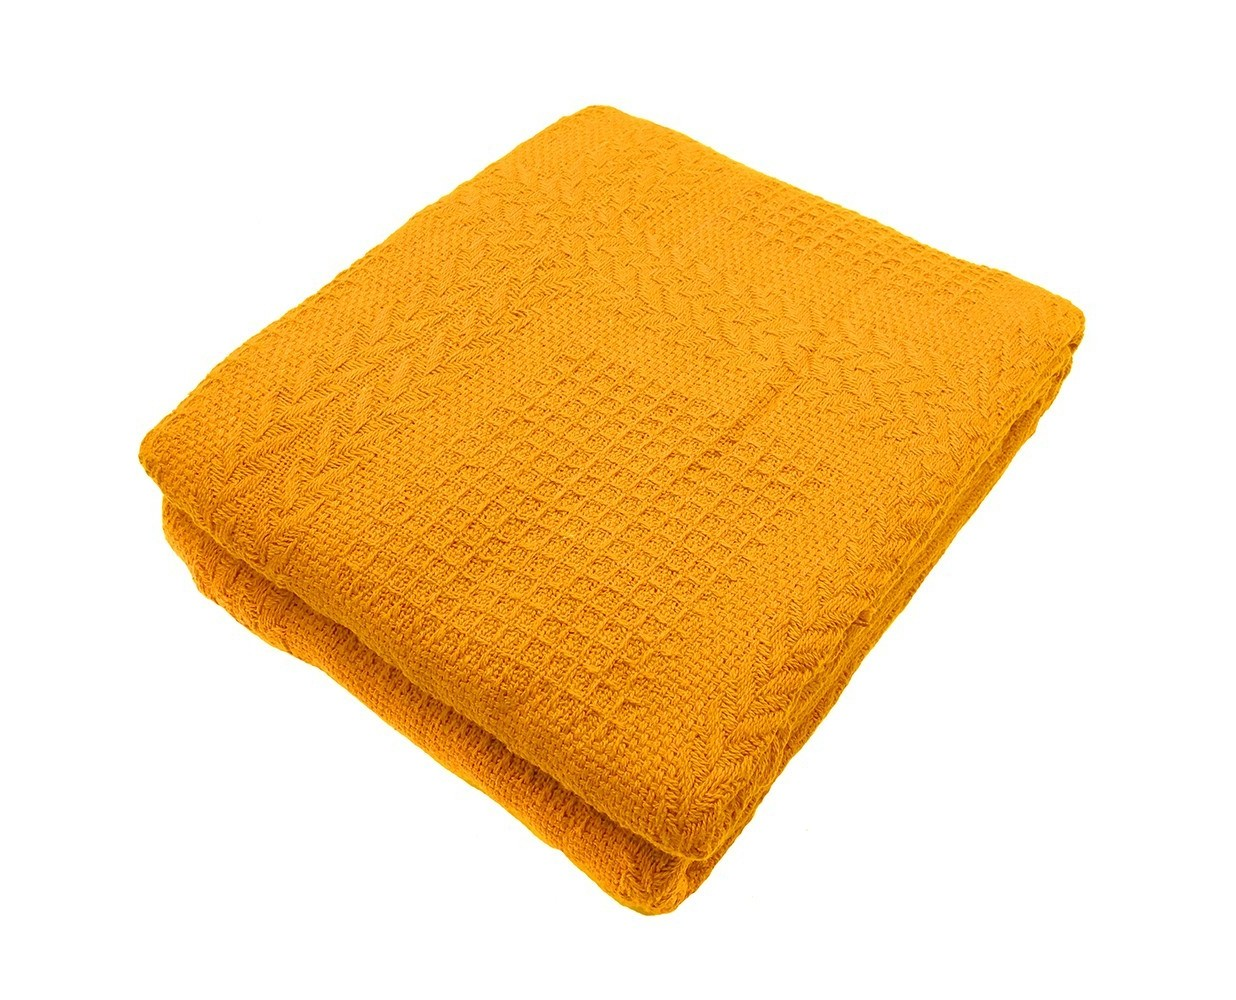 Покрывало Марсель 200*240Покрывала<br>Хлопковое объемное вязаное покрывало жизнерадостного оранжевого цвета.&amp;amp;nbsp;&amp;lt;div&amp;gt;Край покрывала оформлен кистями.&amp;lt;/div&amp;gt;<br><br>Material: Хлопок<br>Length см: None<br>Width см: 200<br>Depth см: 240<br>Height см: None<br>Diameter см: None